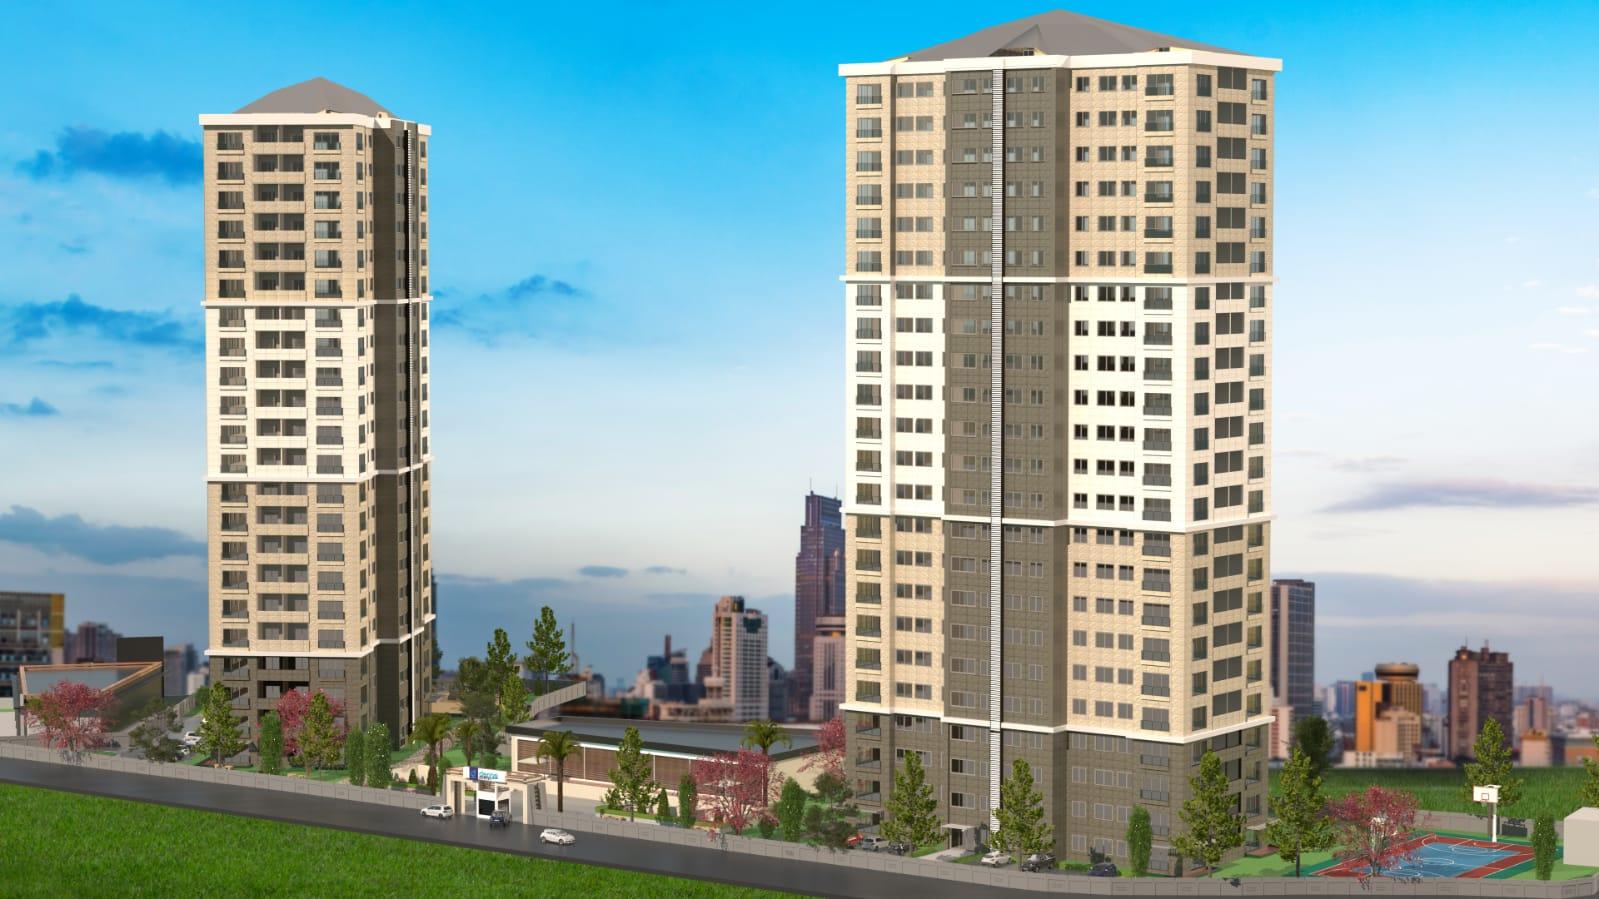 مشروع استثماري في كارتال….. اسطنبول    ( كود المشروع    IC 10  )